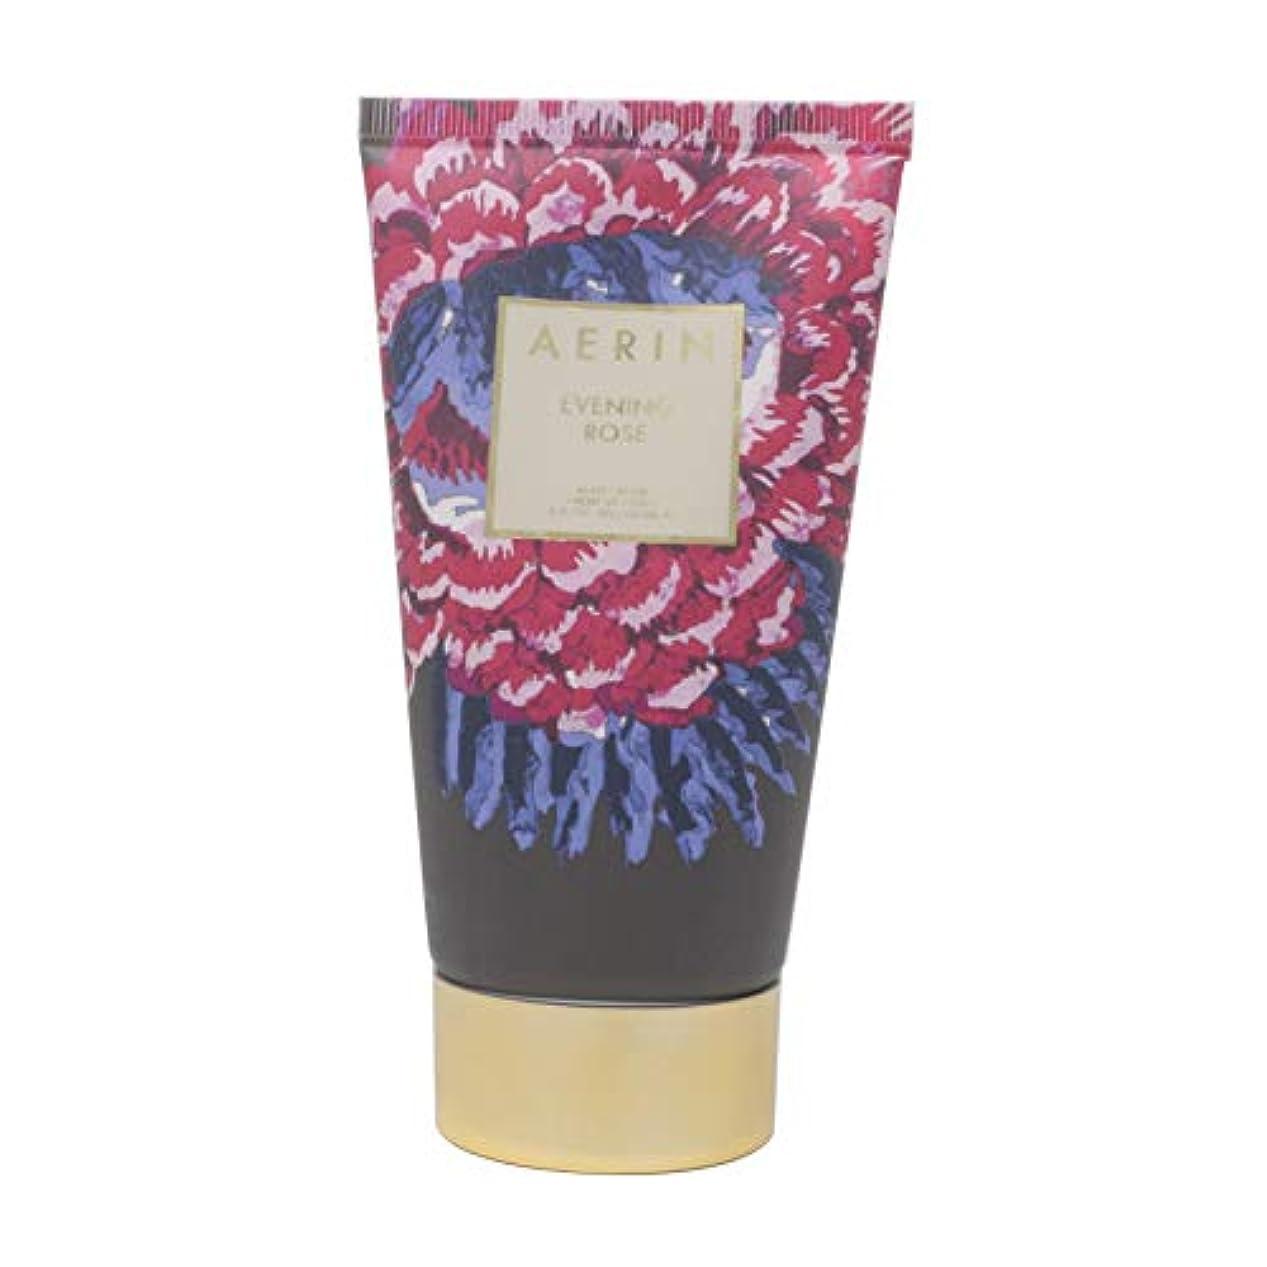 アレルギー性蒸留する毛布AERIN 'Evening Rose' (アエリン イブニング ローズ) 5.0 oz (150ml) Body Cream ボディークリーム by Estee Lauder for Women